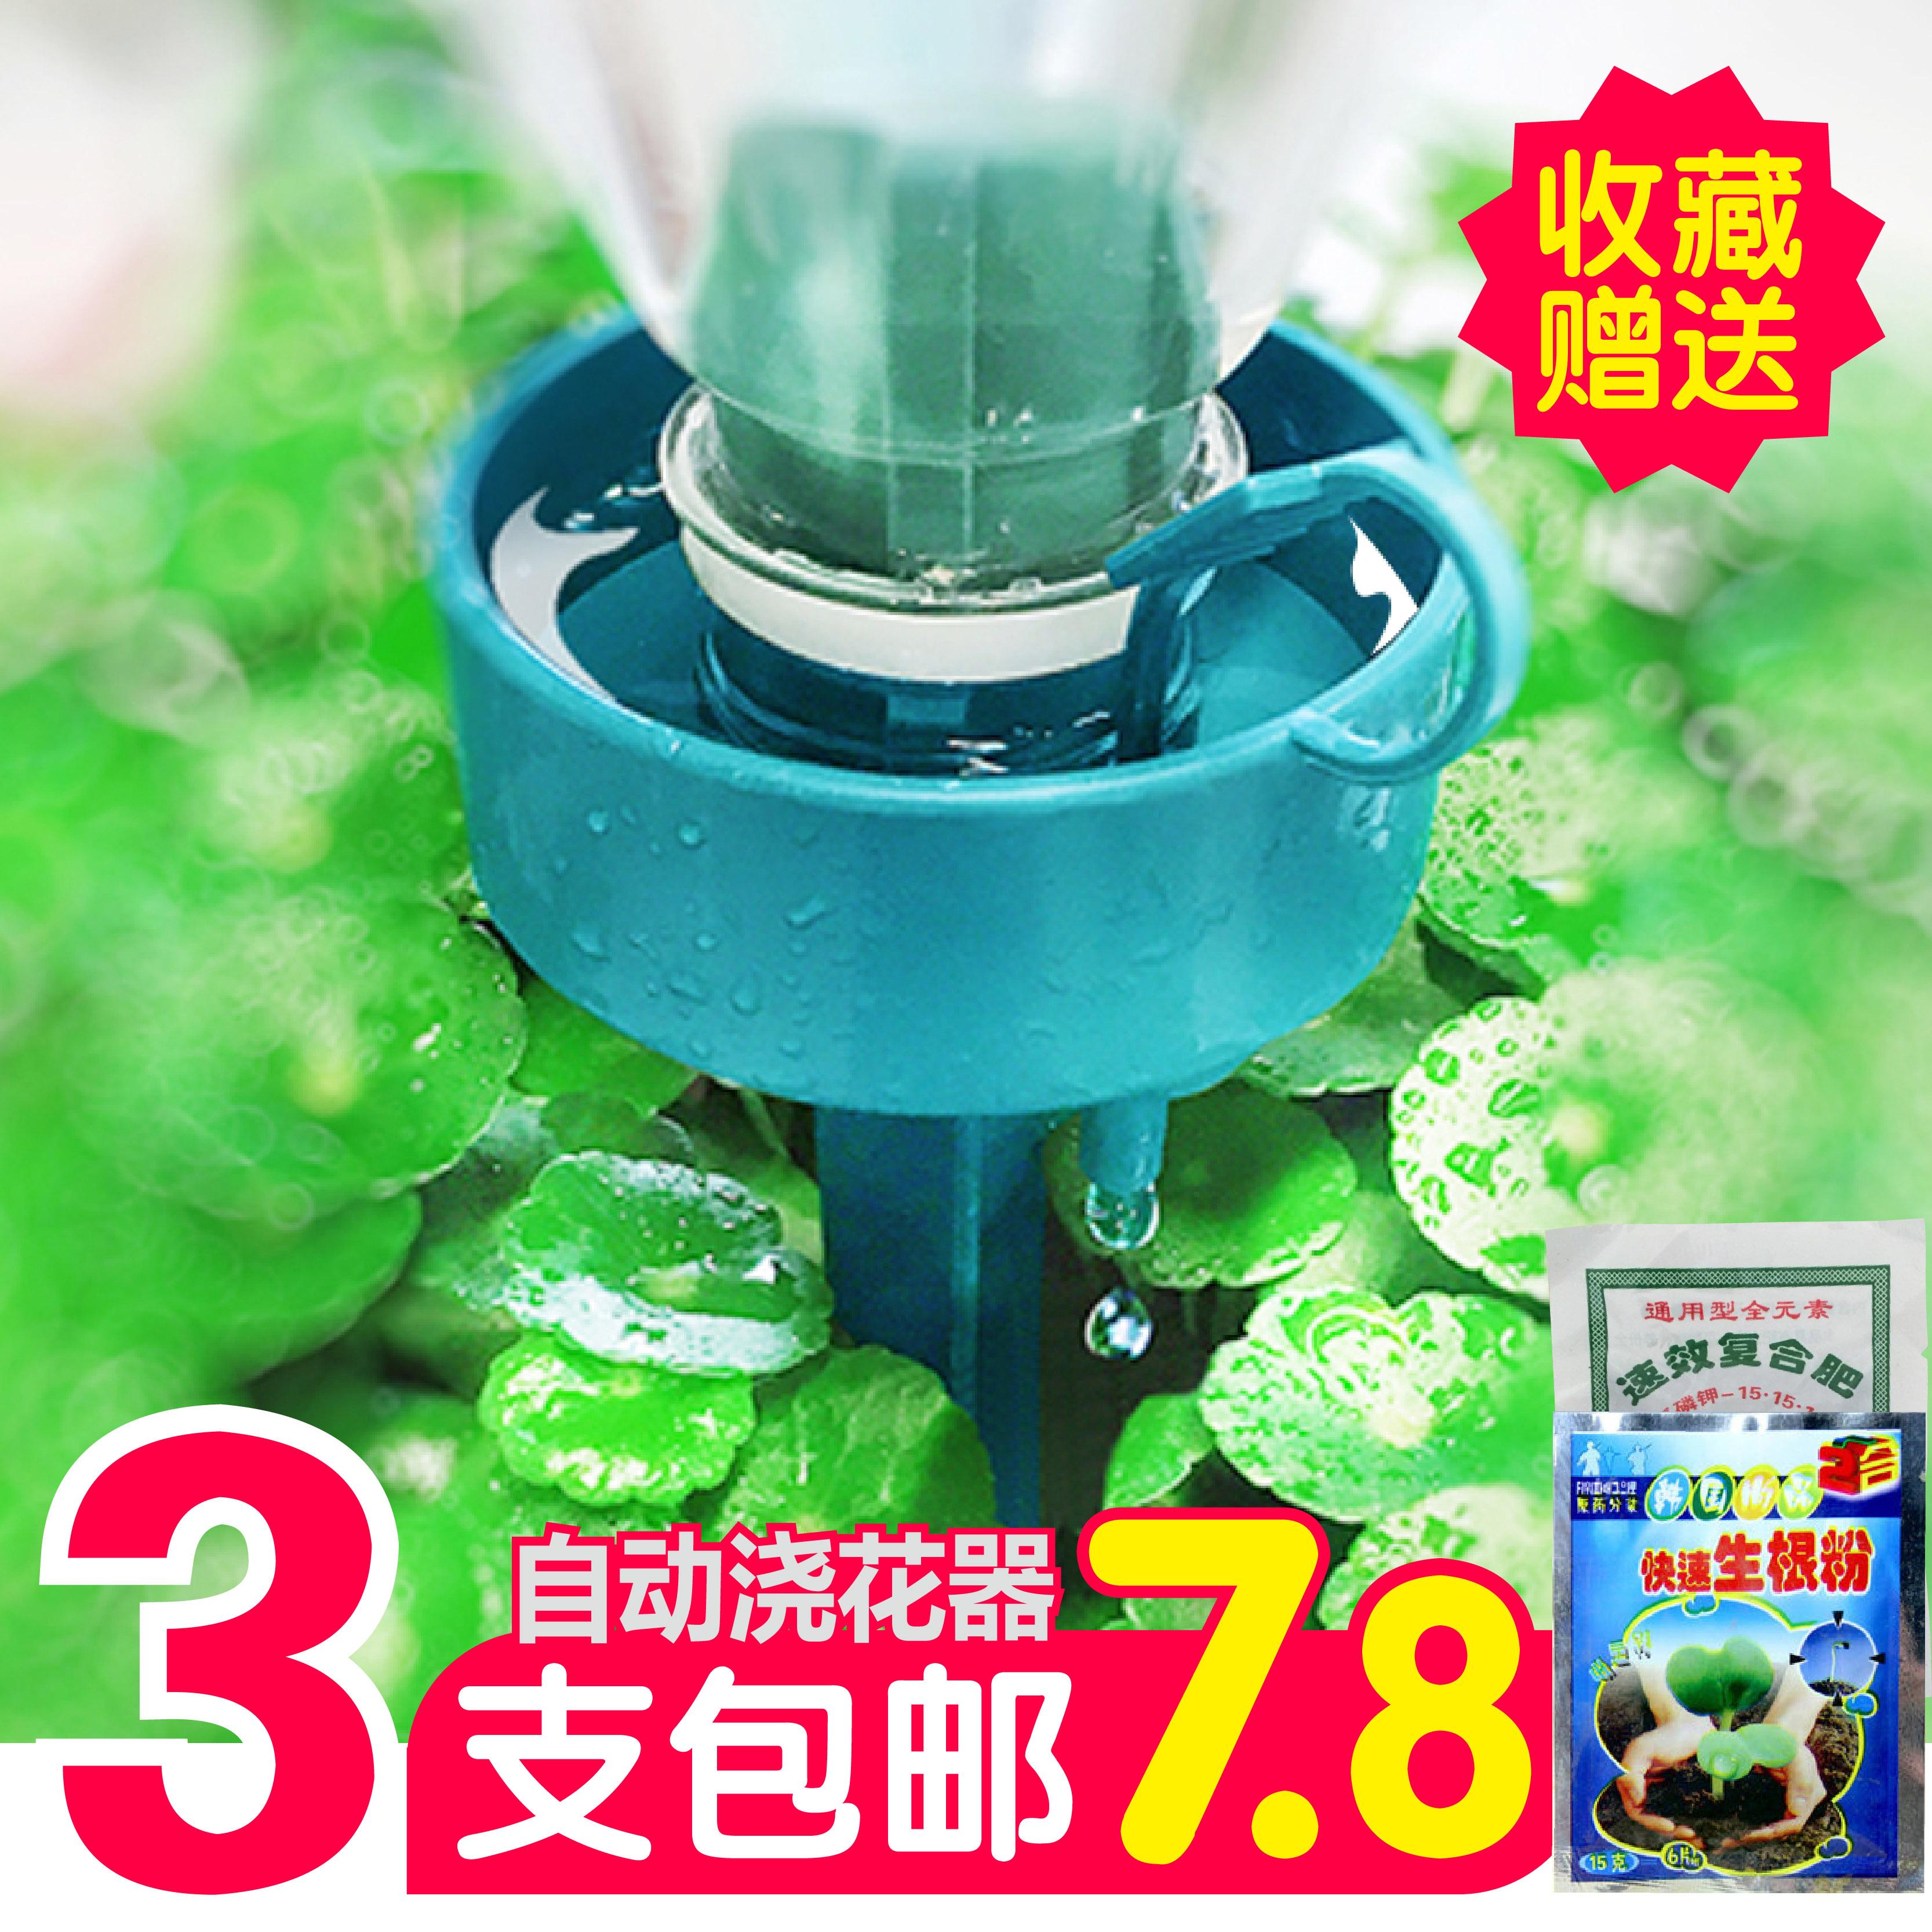 Автоматическая лить цветок бездельник лить цветок артефакт капающий устройство просачиваться нагреватель воды падения лить лить лить лить нагреватель воды горшок из разница синхронизация